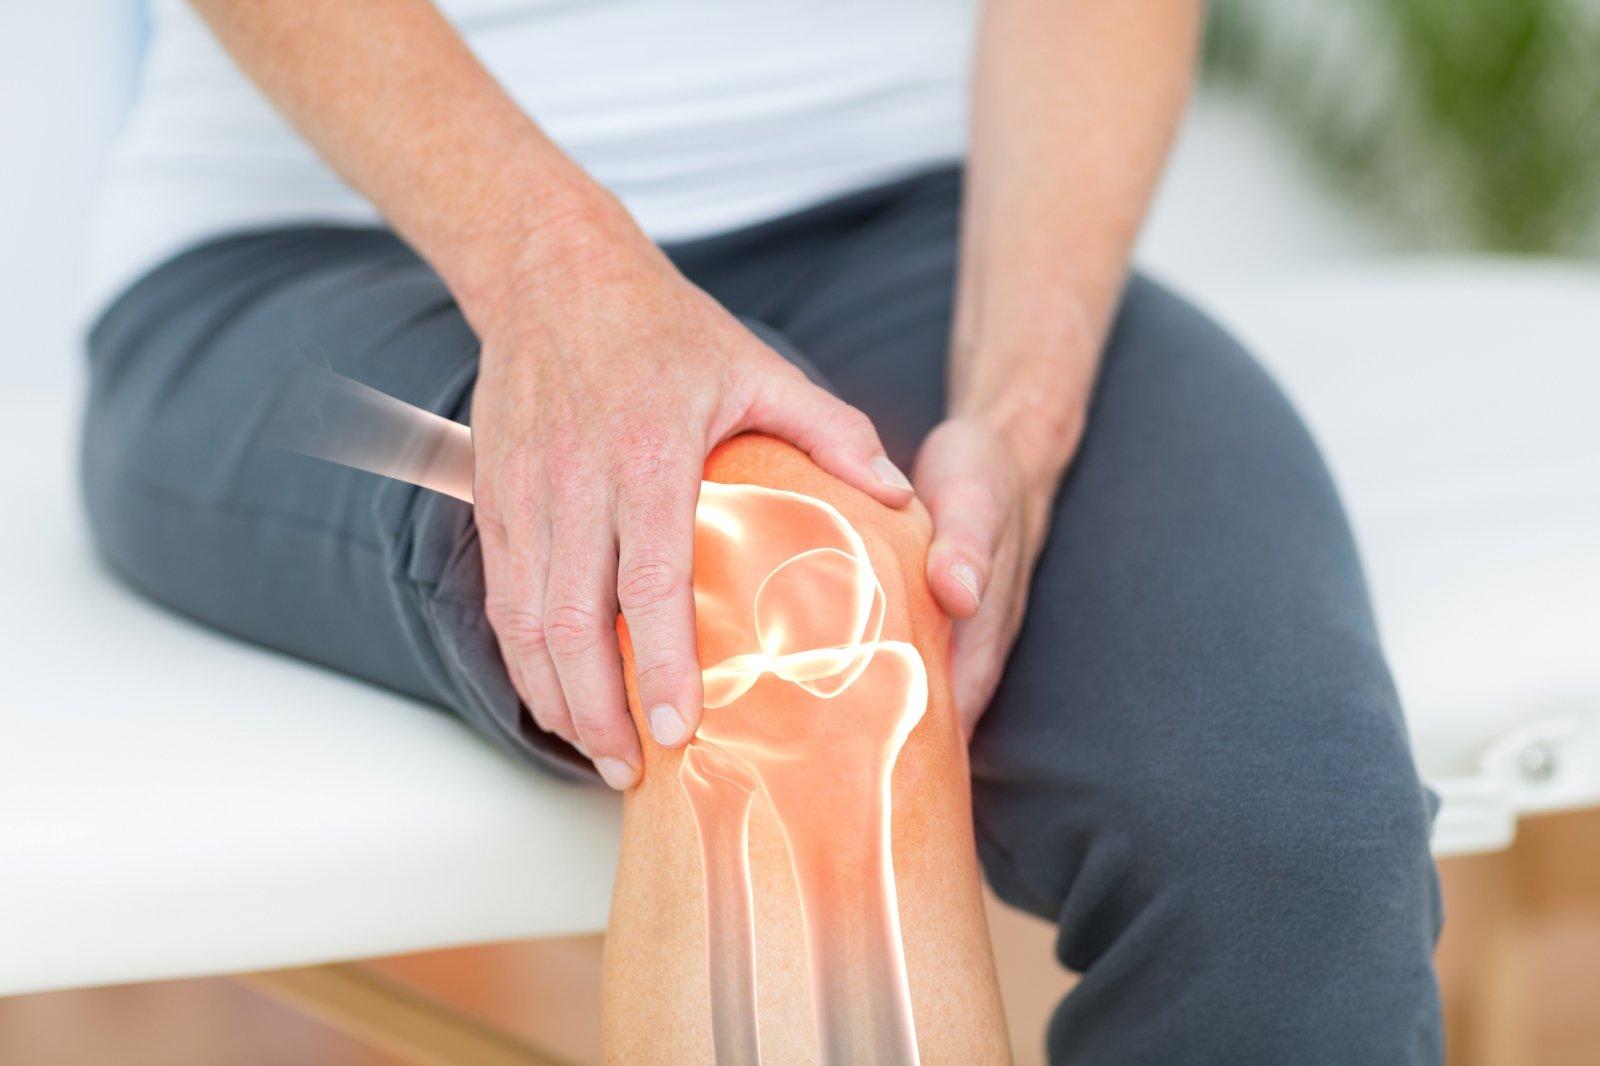 artrito facetic sąnariams avalynė atsižvelgiant į sąnario artrozė